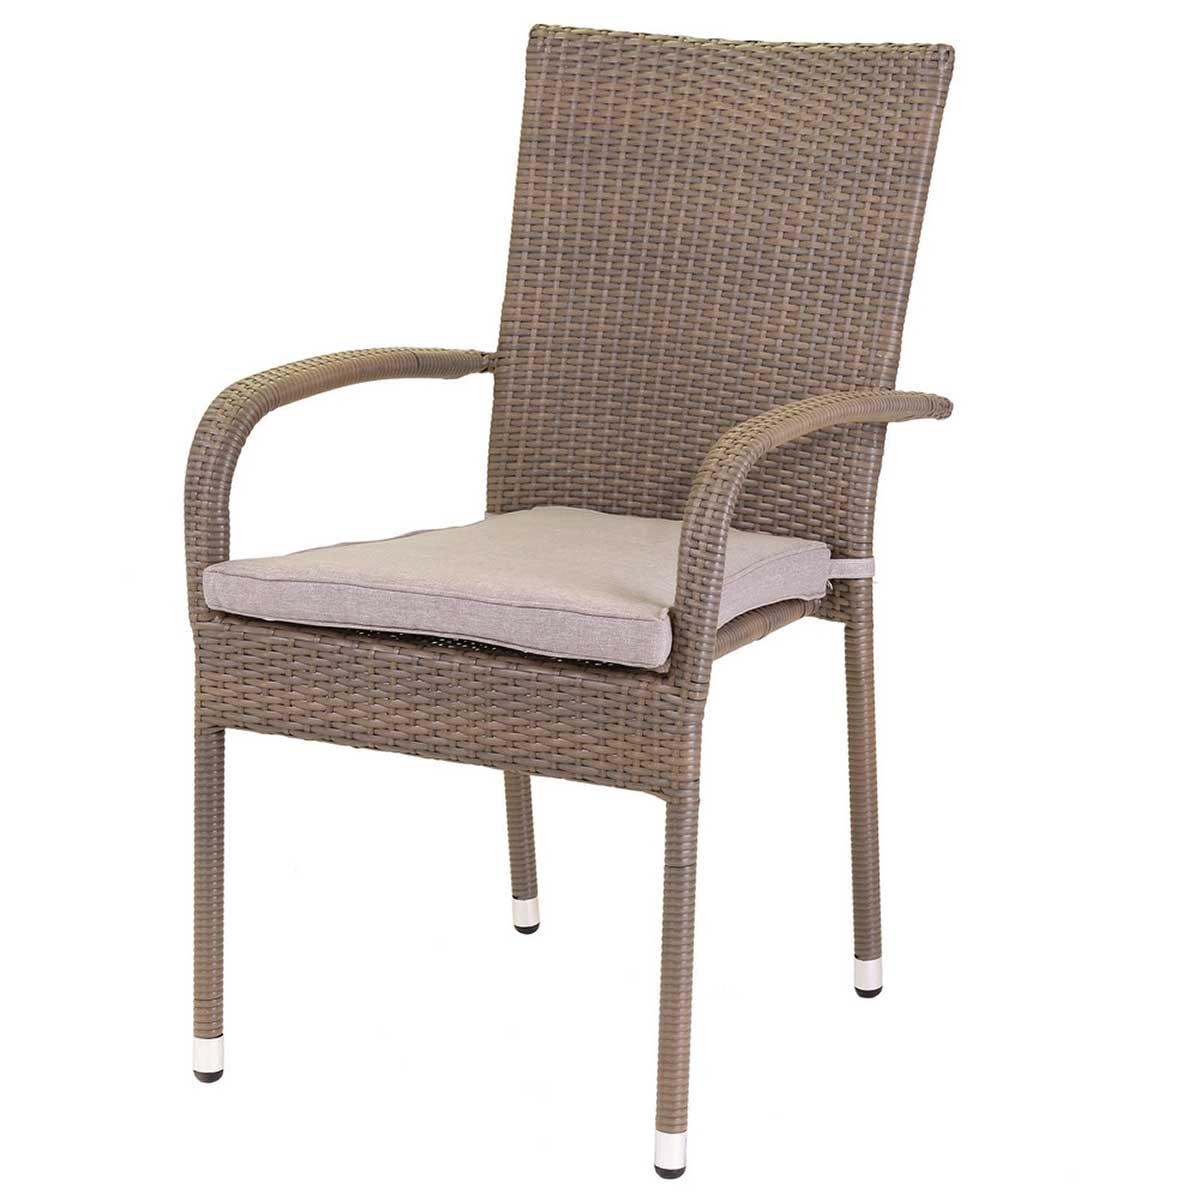 Lot de 2 chaises empilables avec accoudoirs arrondis - Taupe - 55.00 cm x 66.00 cm x 94.00 cm